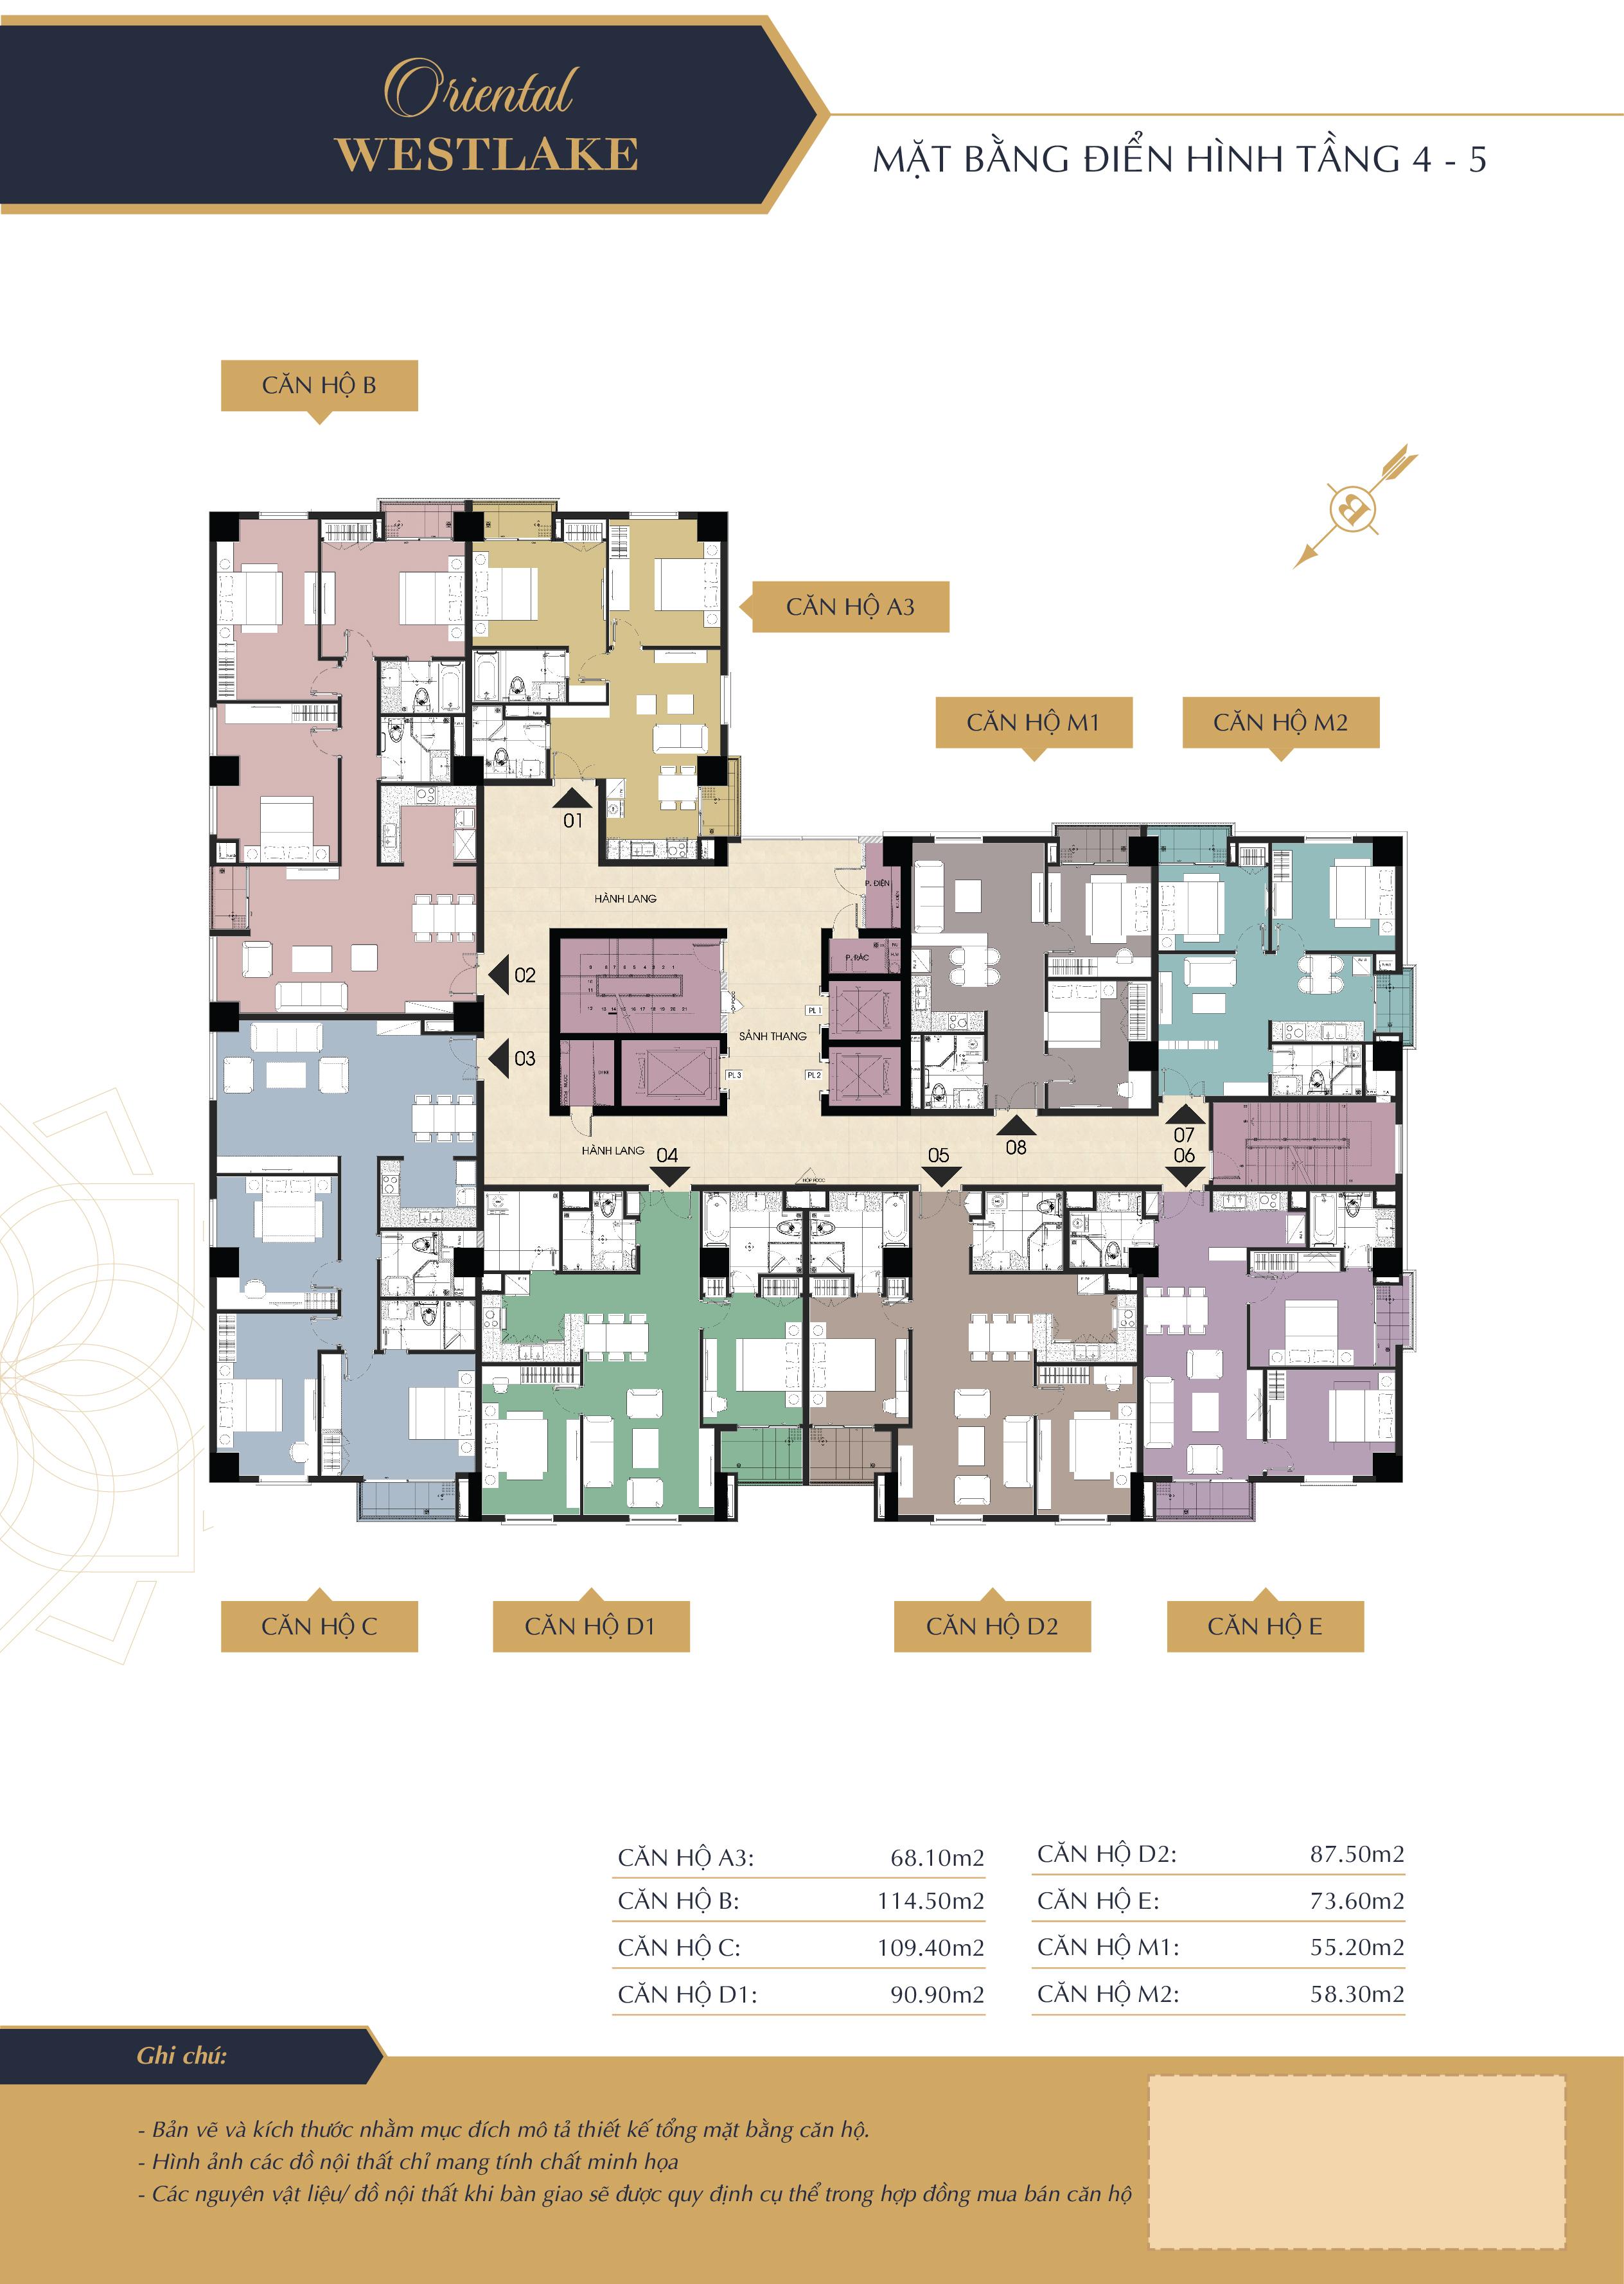 Mặt bằng điển hình tầng 4-5 dự án oriental westlake